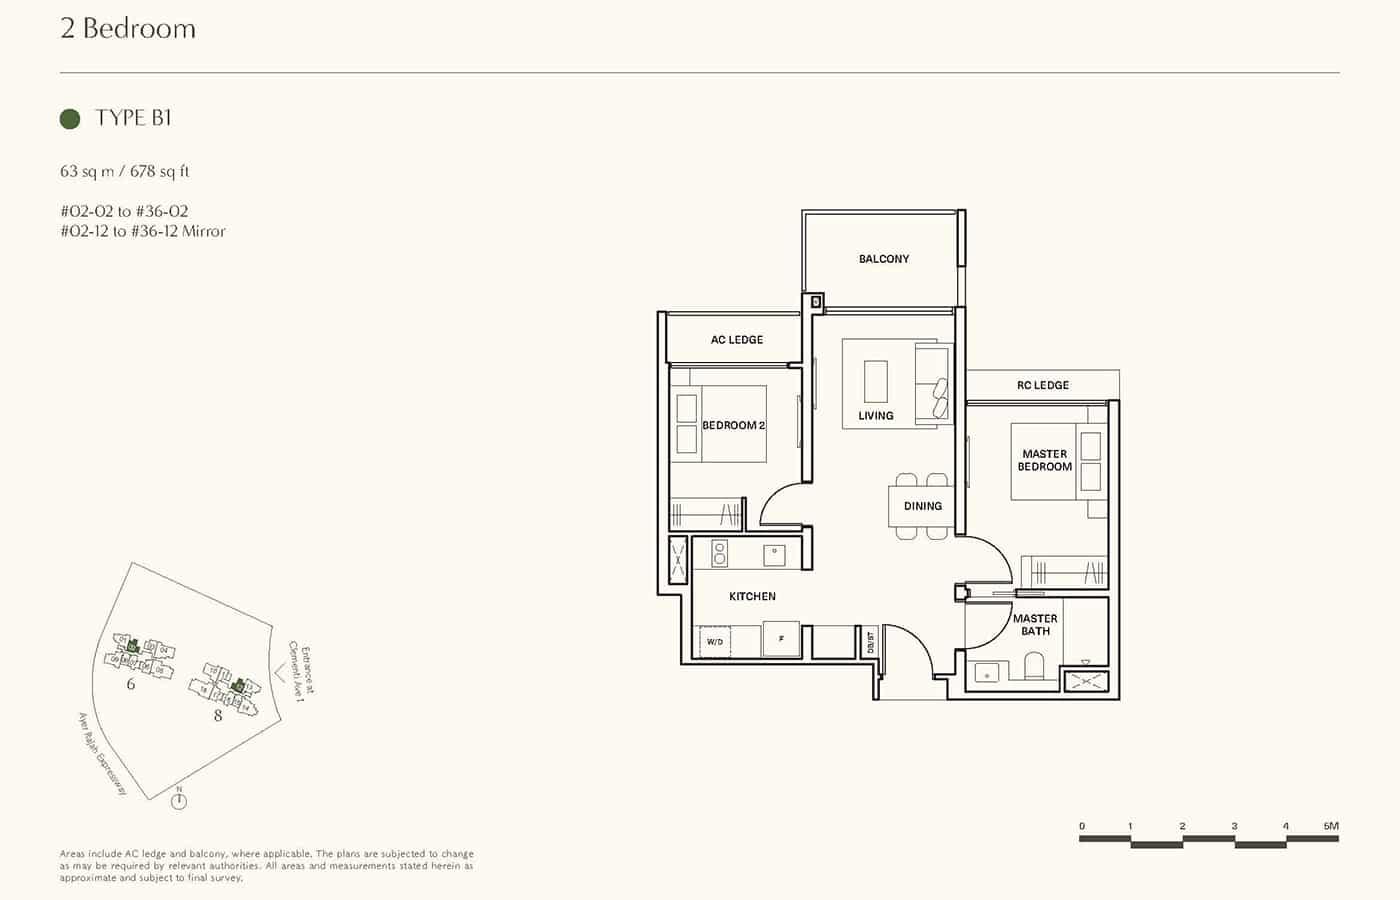 Clavon Condo Floor Plans - 2 Bedroom B1